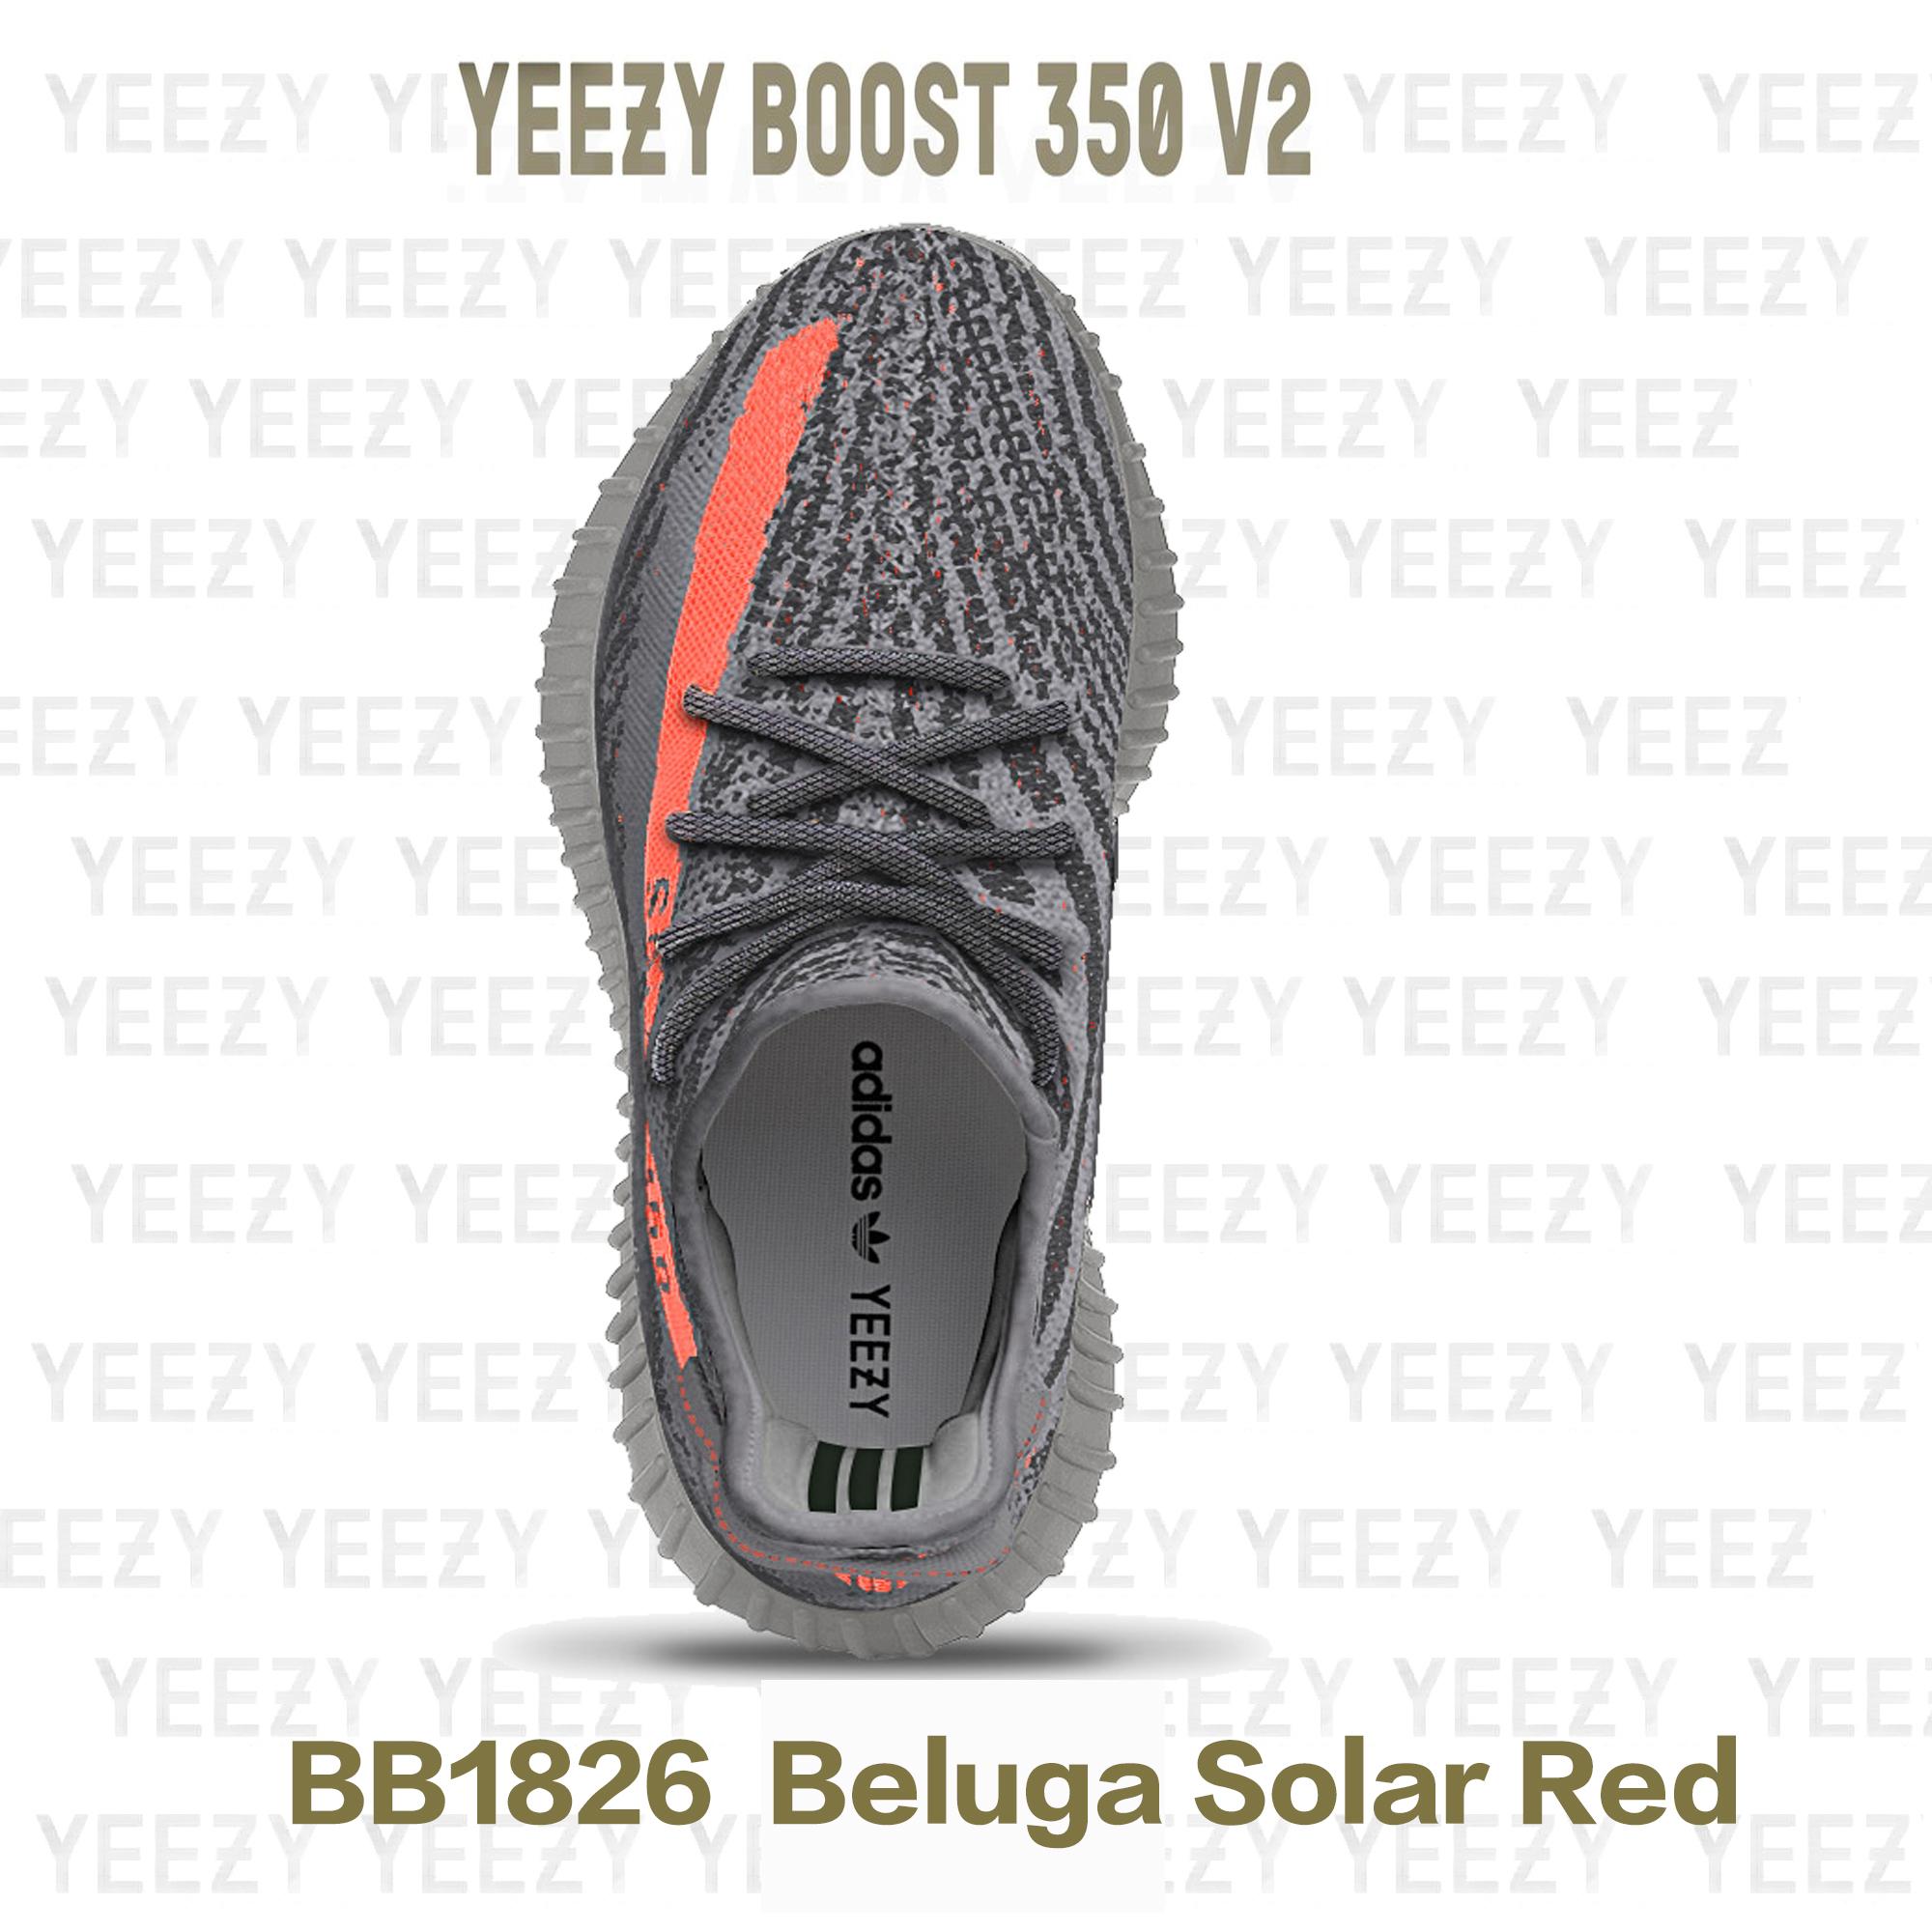 7d6c5fe64 women s Yeezy Boost 350 V2